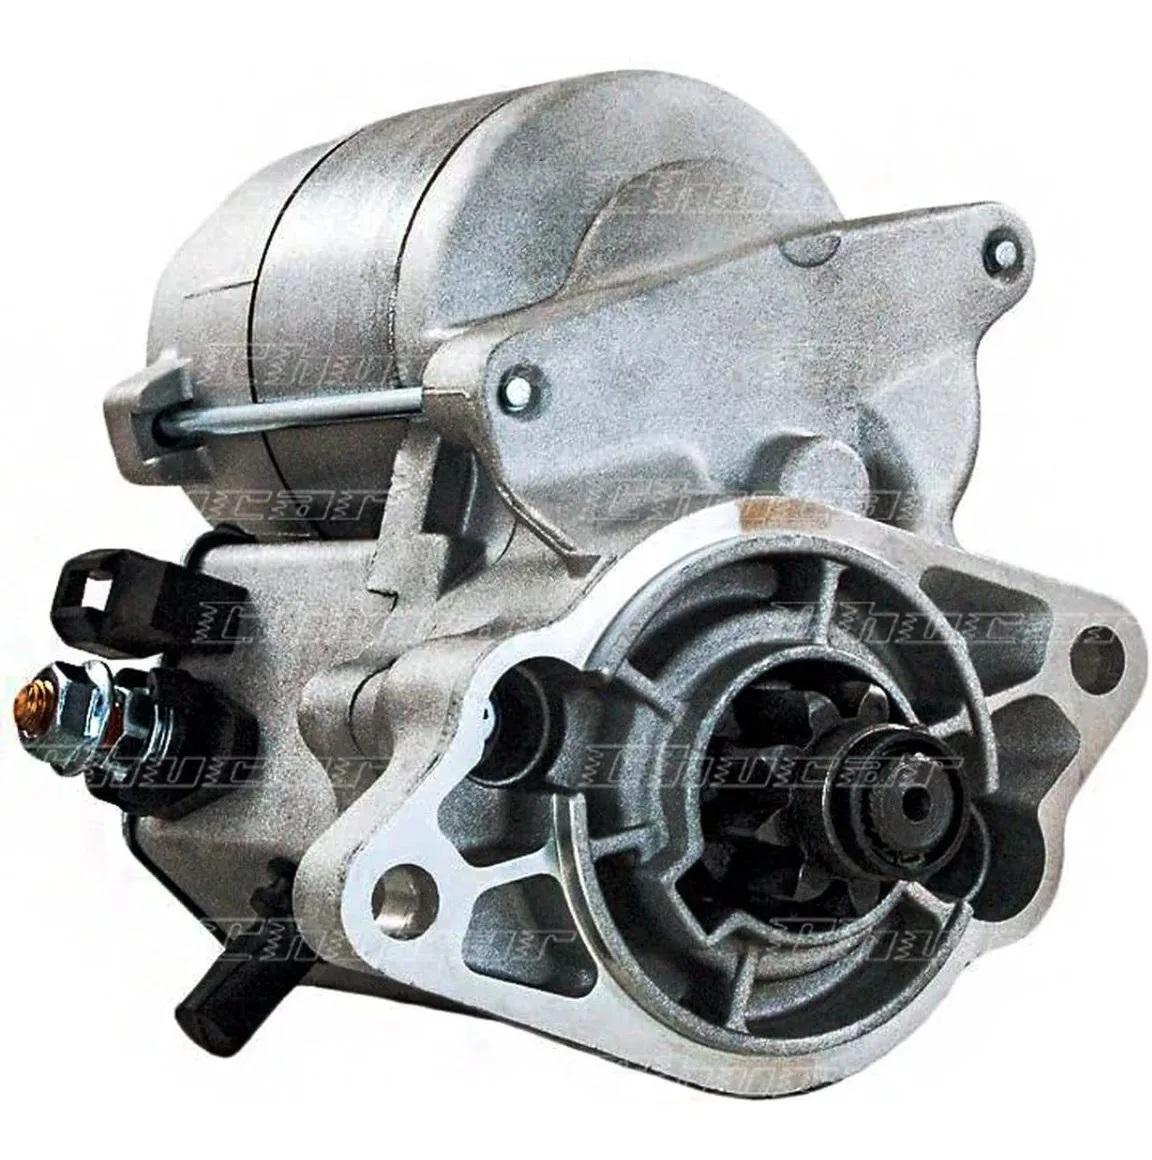 MOTOR DE PARTIDA EMPILHADEIRA KUBOTA B1902 DM1102 B2150 V1200 F2400 12V 9D